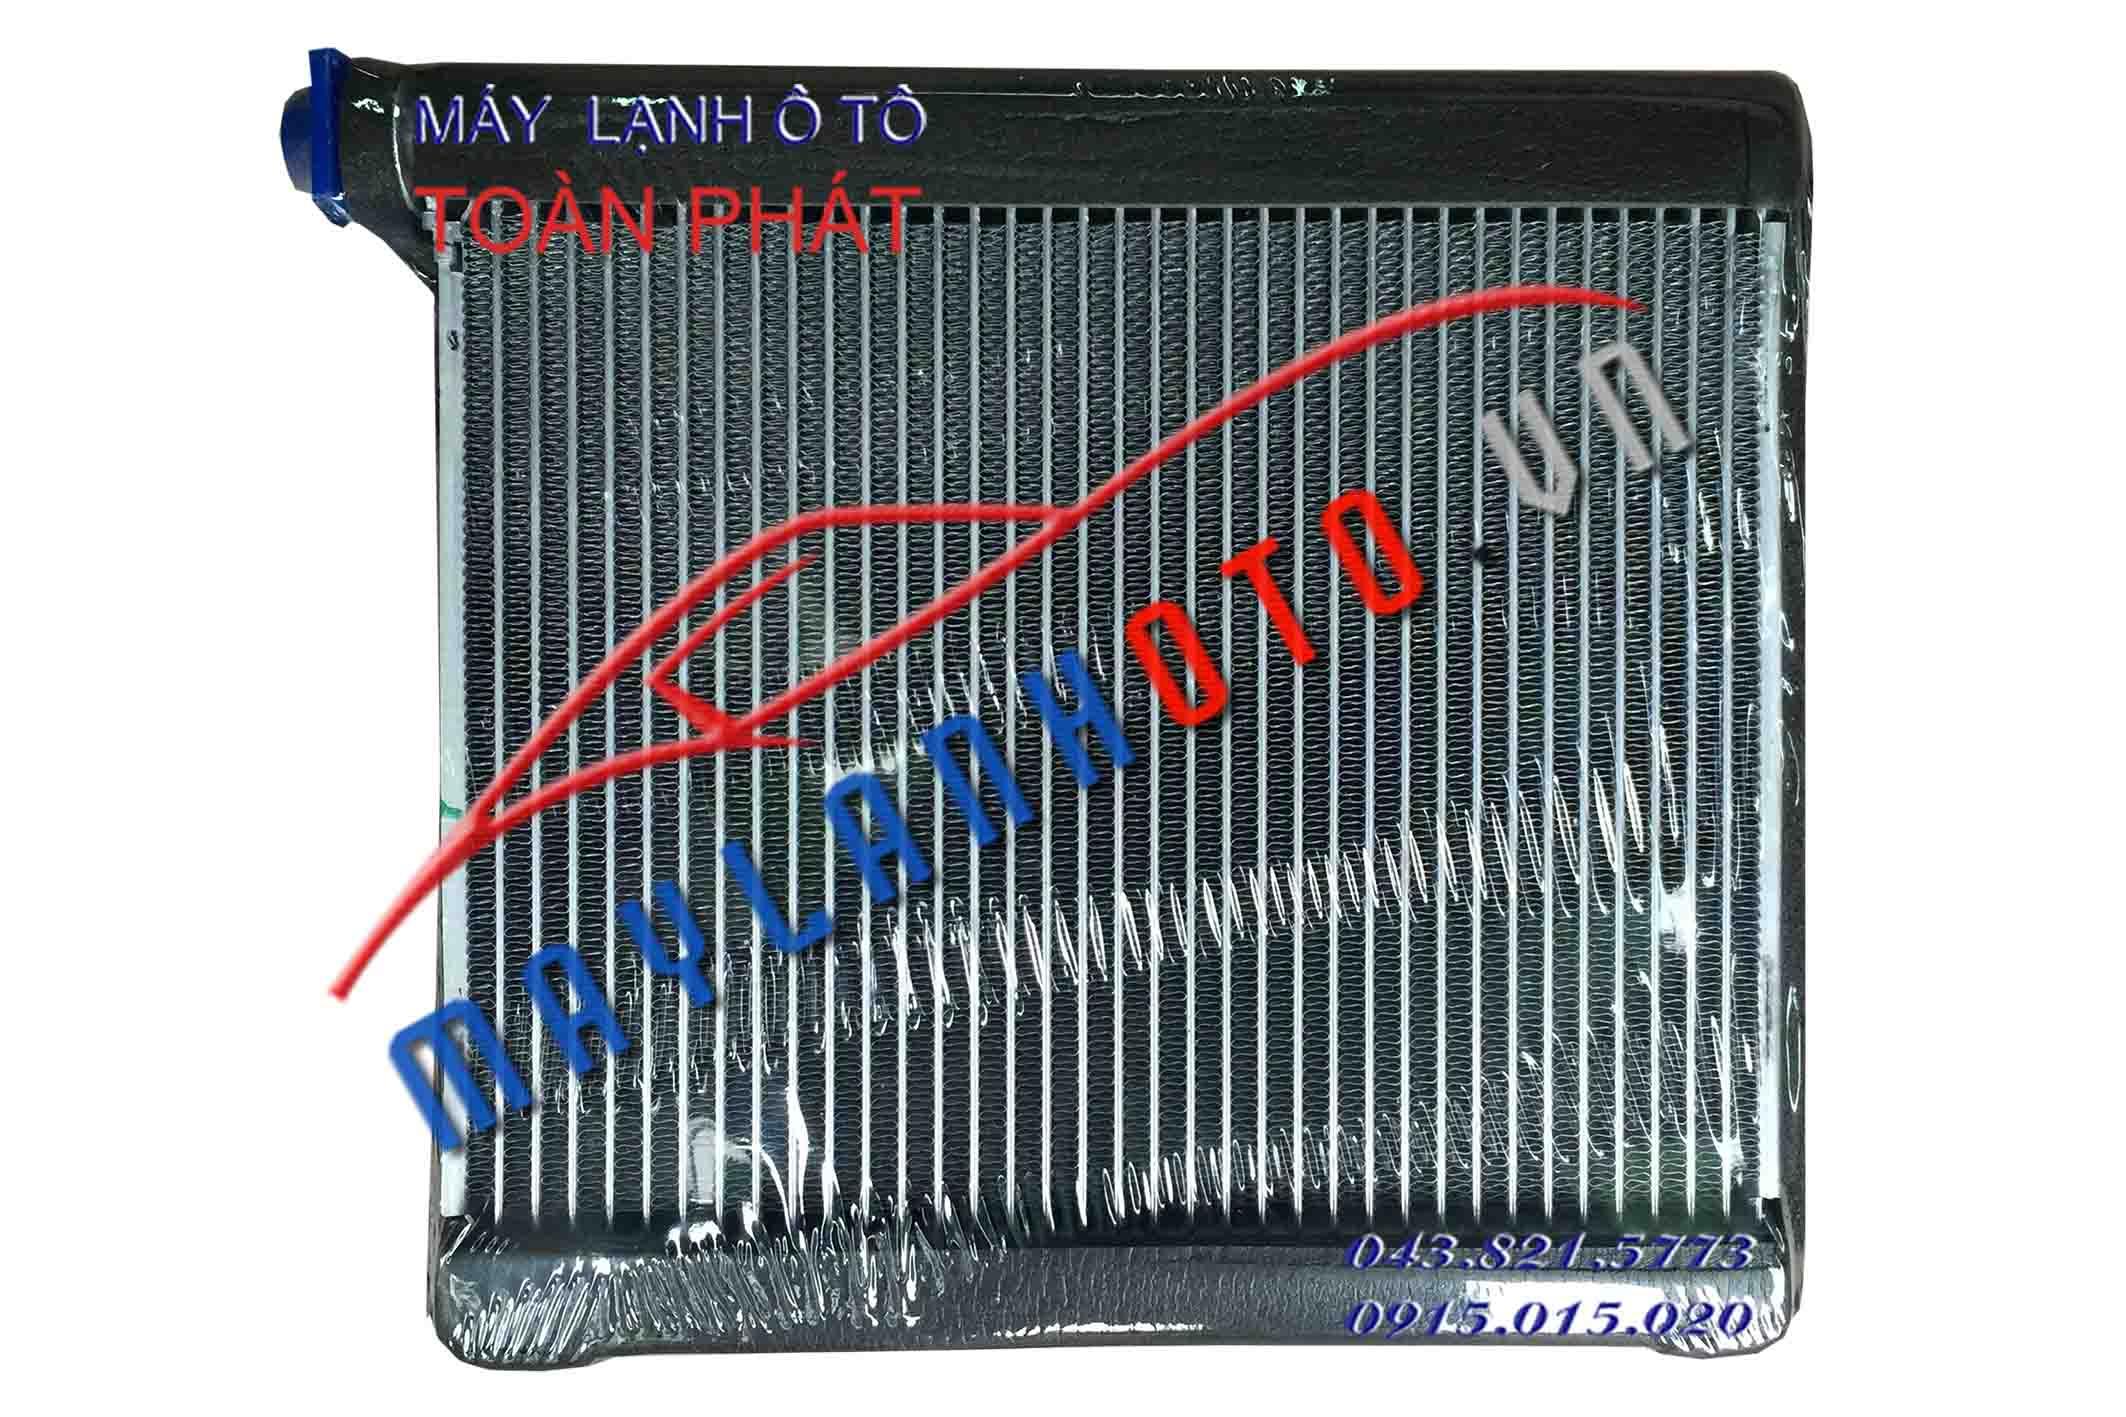 3 - 2004 / Giàn lạnh điều hòa Mazda 3 - 2004 / Dàn lạnh điều hòa Mazda 3 - 2004